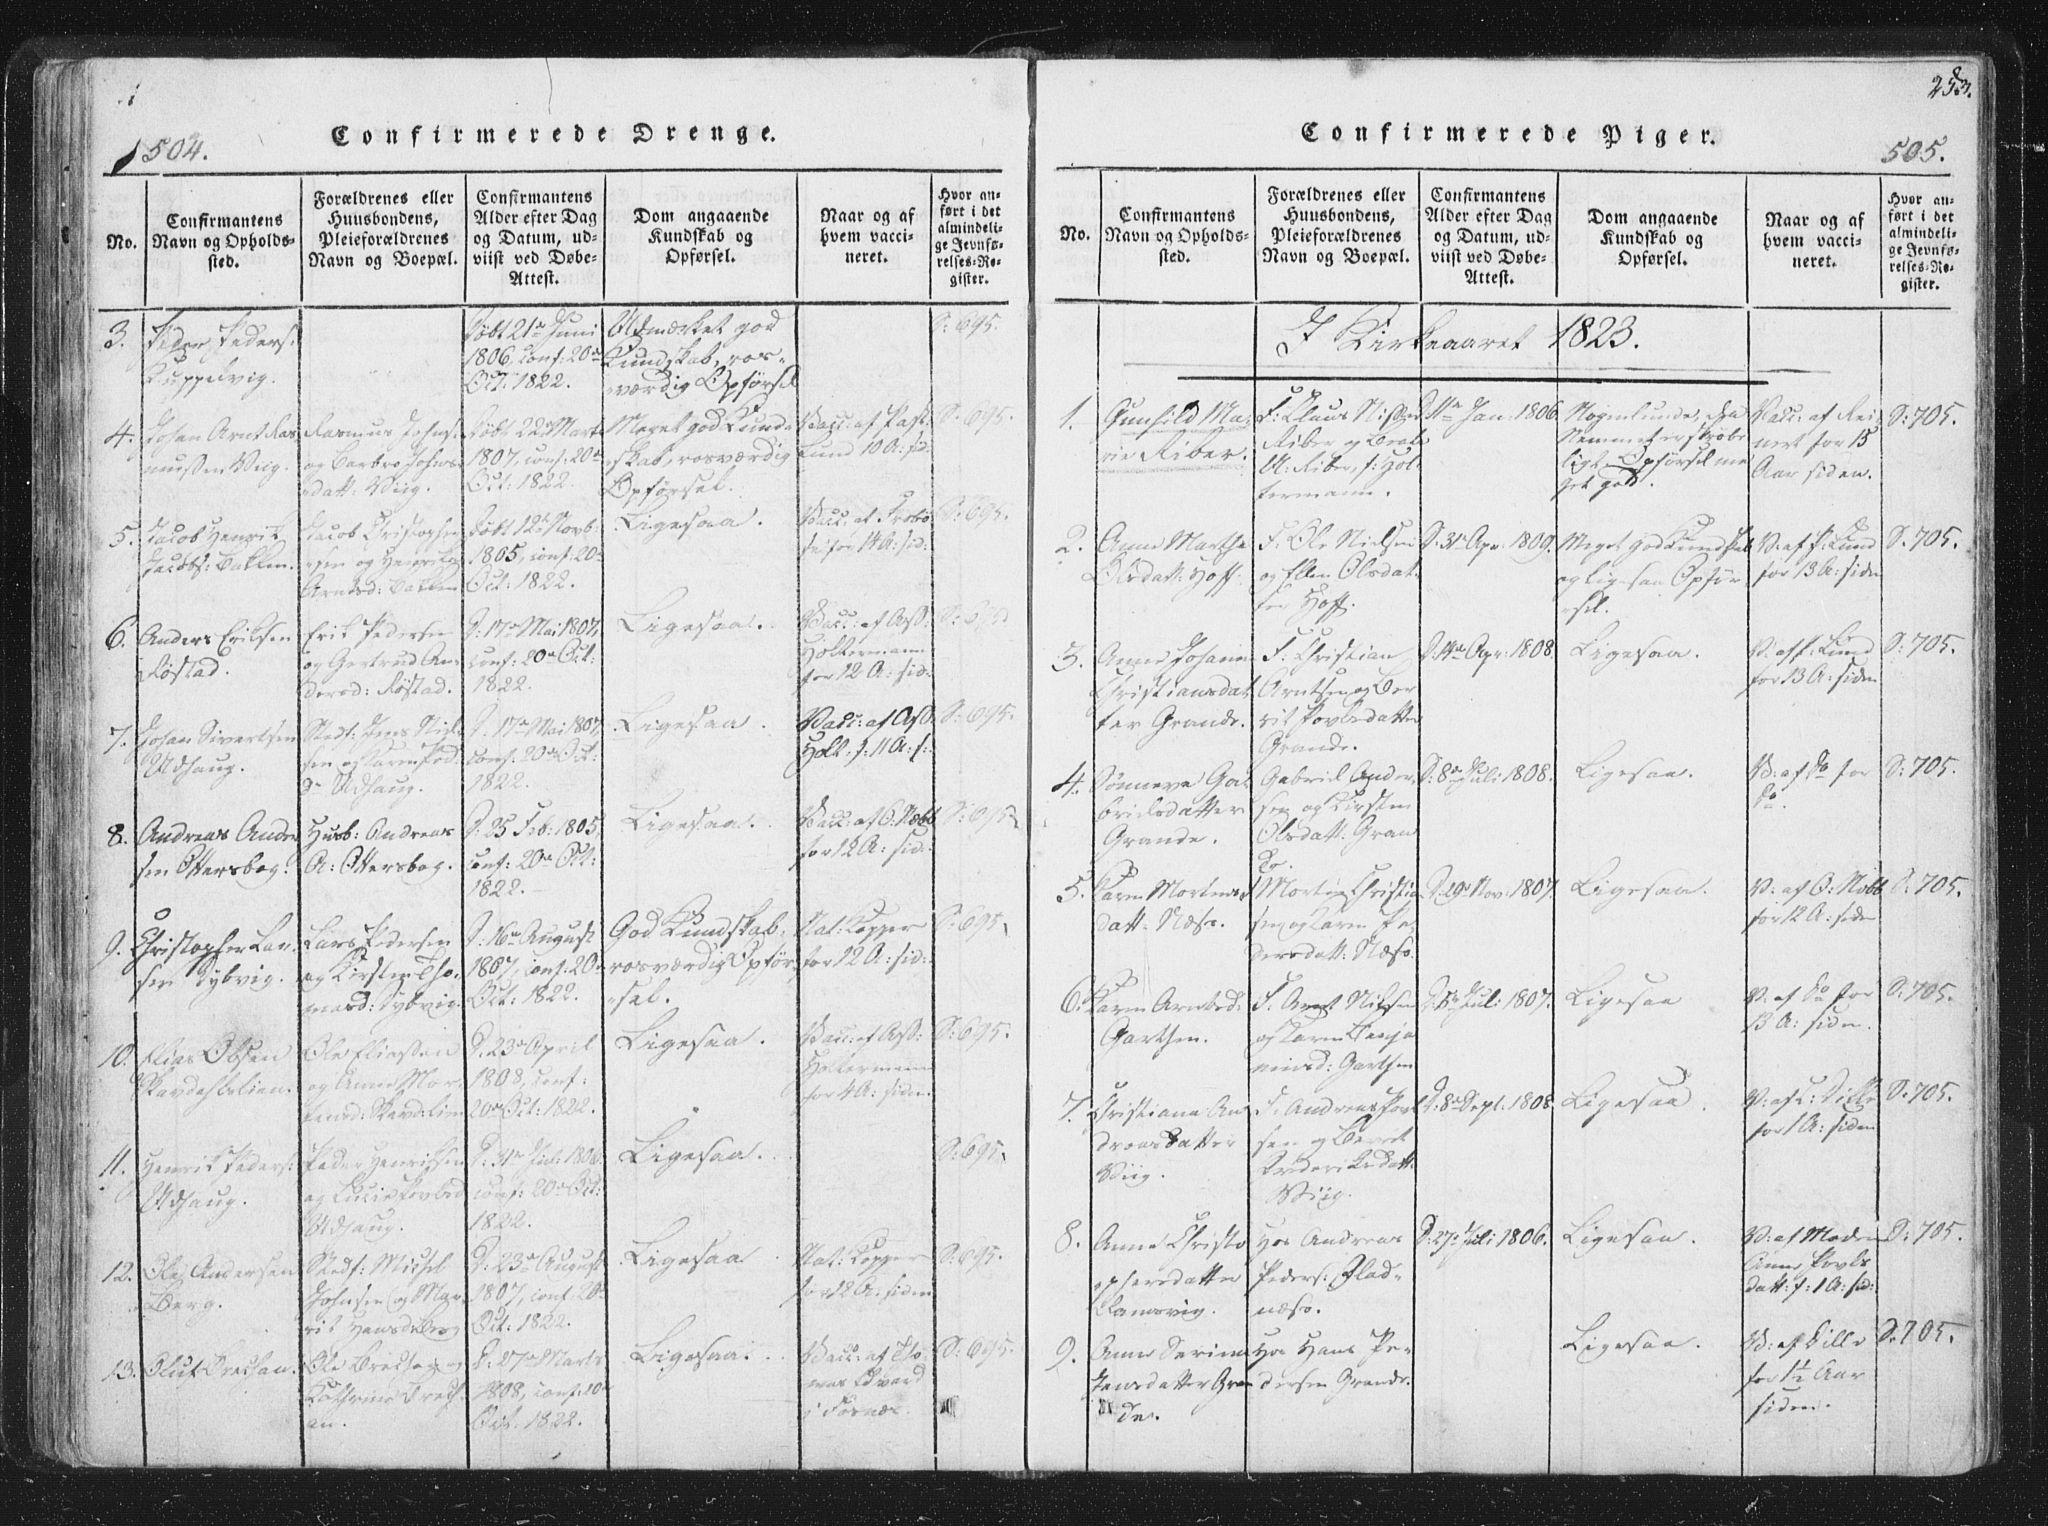 SAT, Ministerialprotokoller, klokkerbøker og fødselsregistre - Sør-Trøndelag, 659/L0734: Ministerialbok nr. 659A04, 1818-1825, s. 504-505